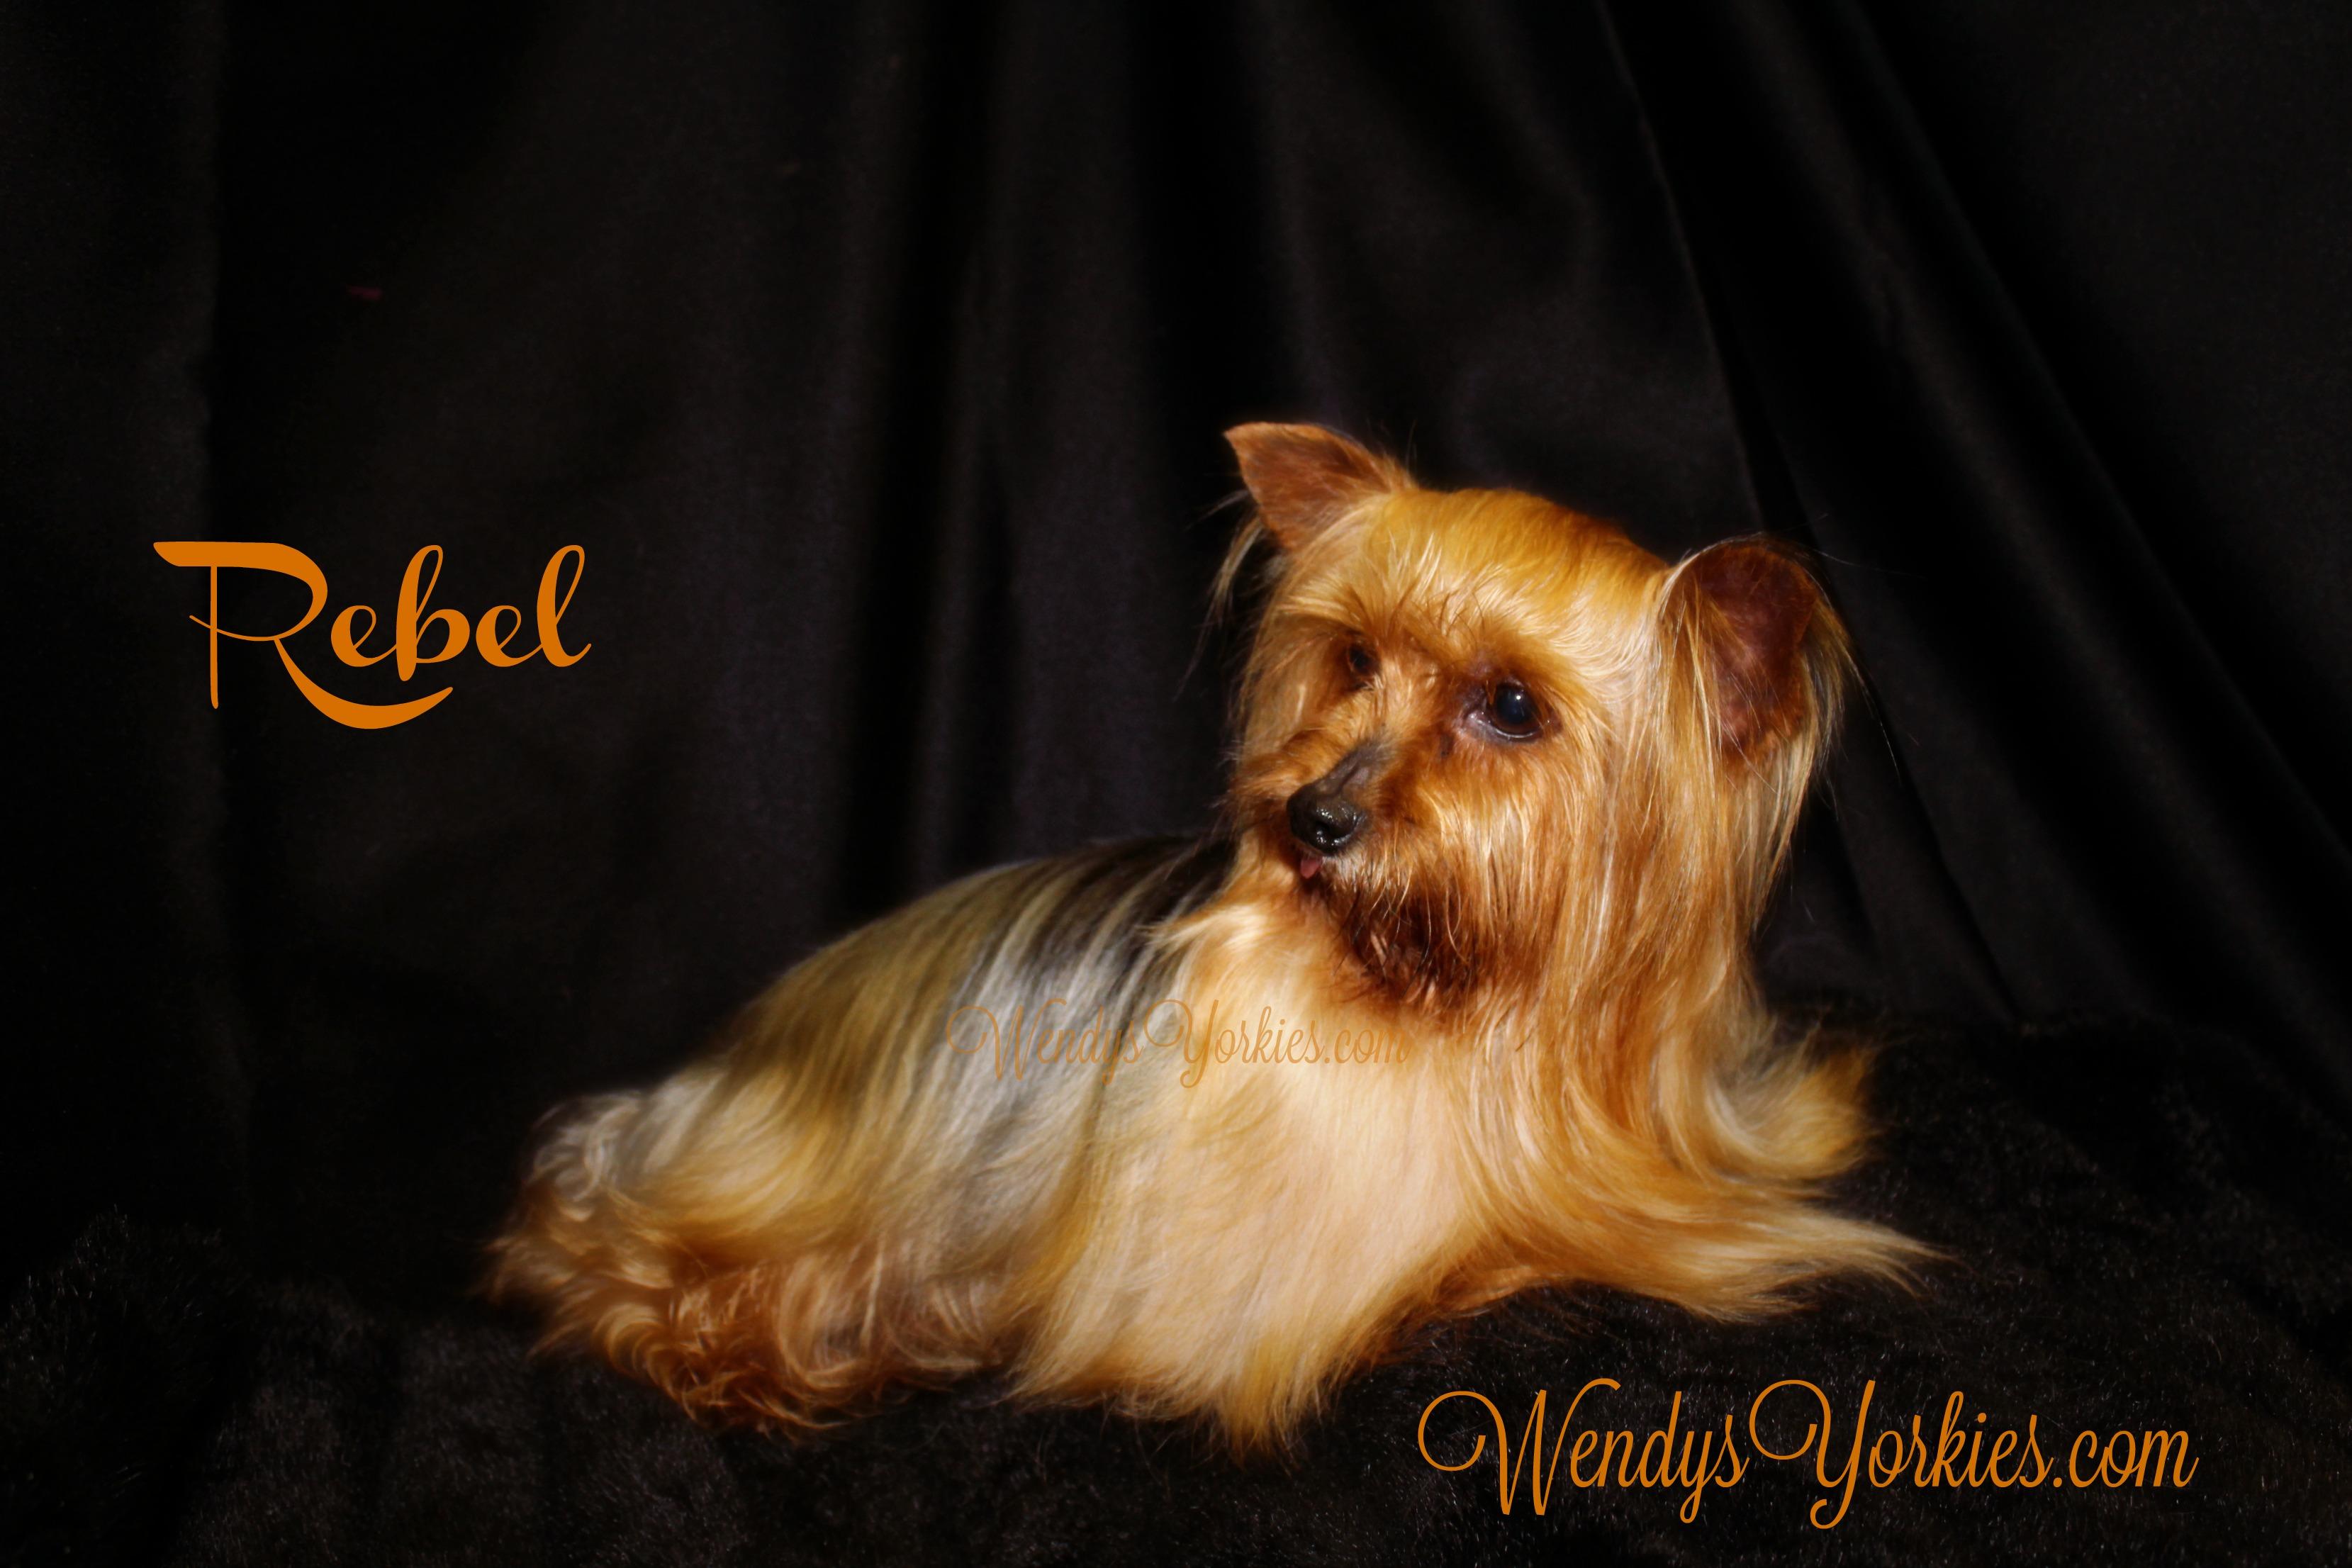 WendysYorkies.com, Yorkshire Terrier breeder, Male Stud Rebel